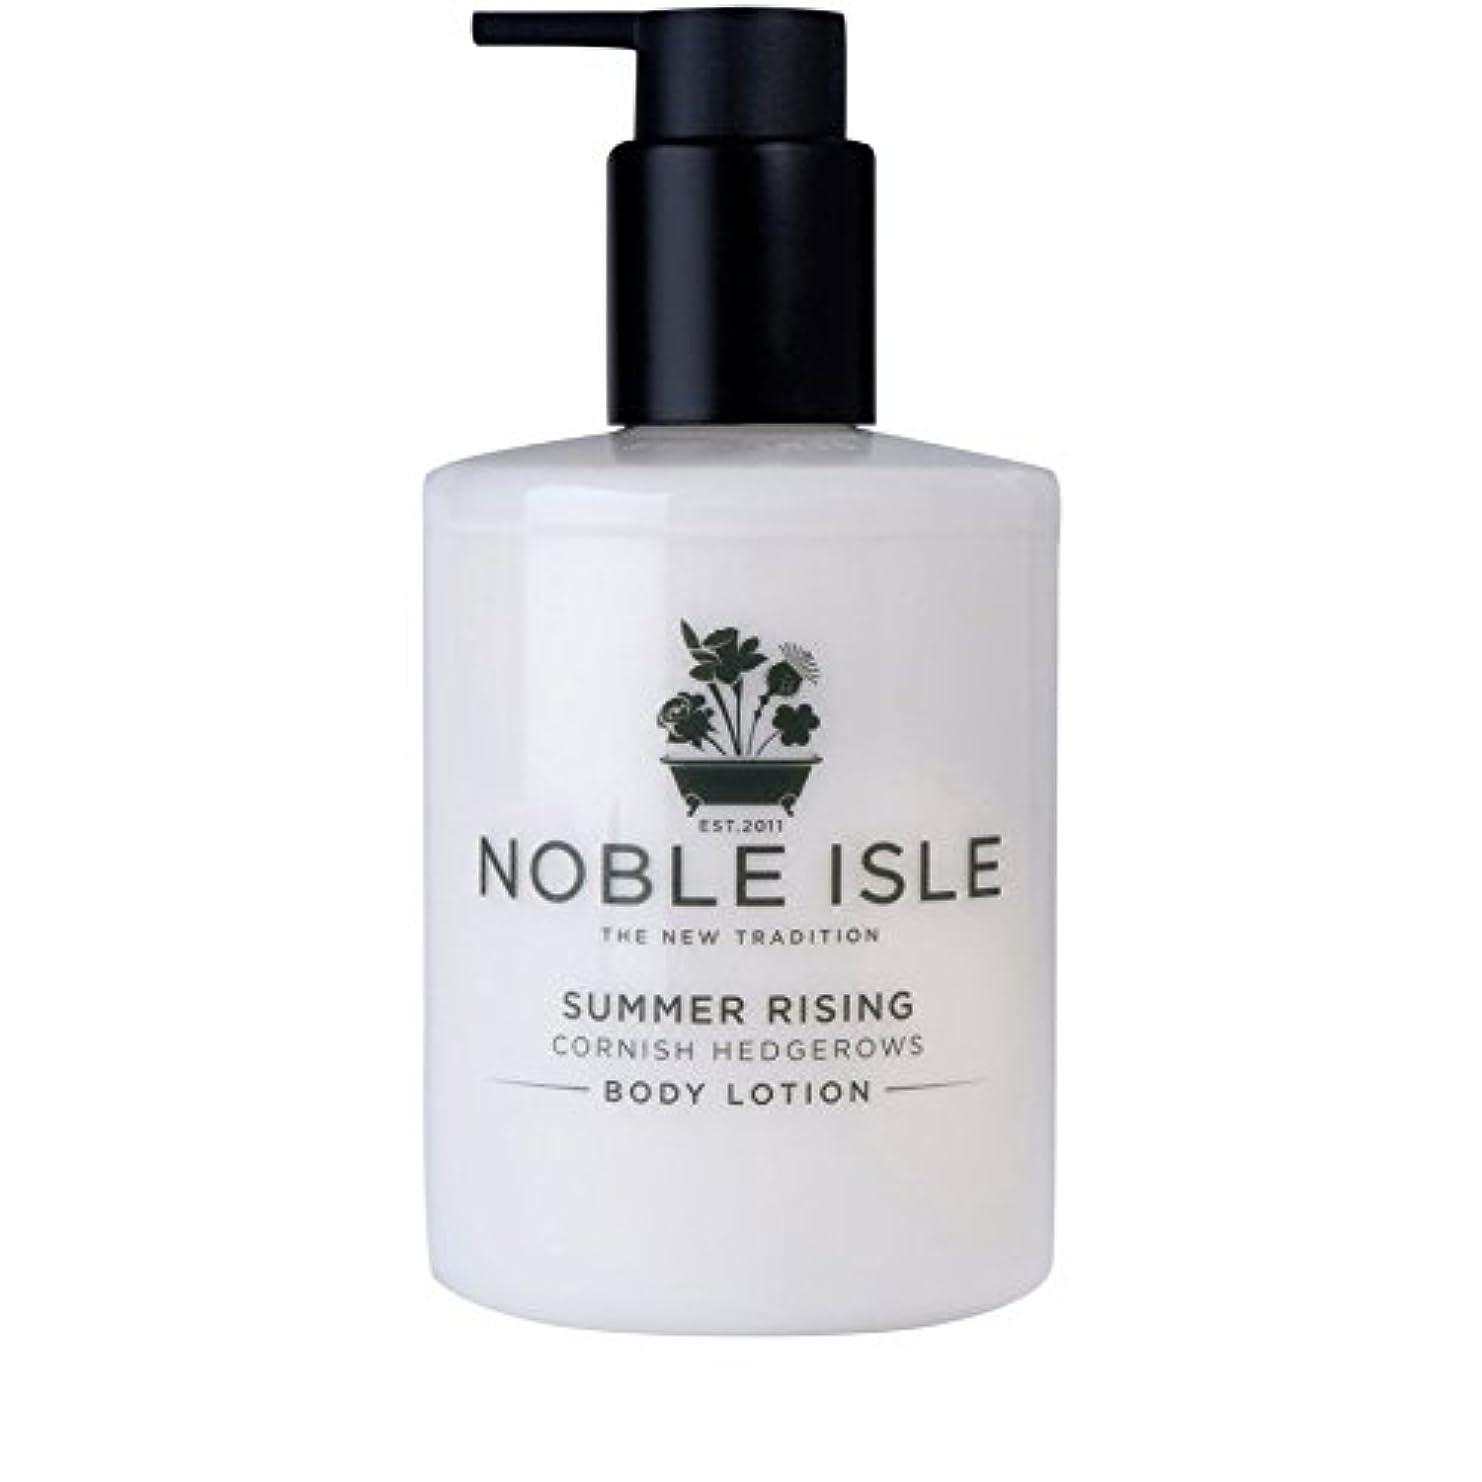 損傷息を切らして落ち込んでいるNoble Isle Summer Rising Cornish Hedgerows Body Lotion 250ml - コーニッシュ生け垣ボディローション250ミリリットルを上昇高貴な島の夏 [並行輸入品]